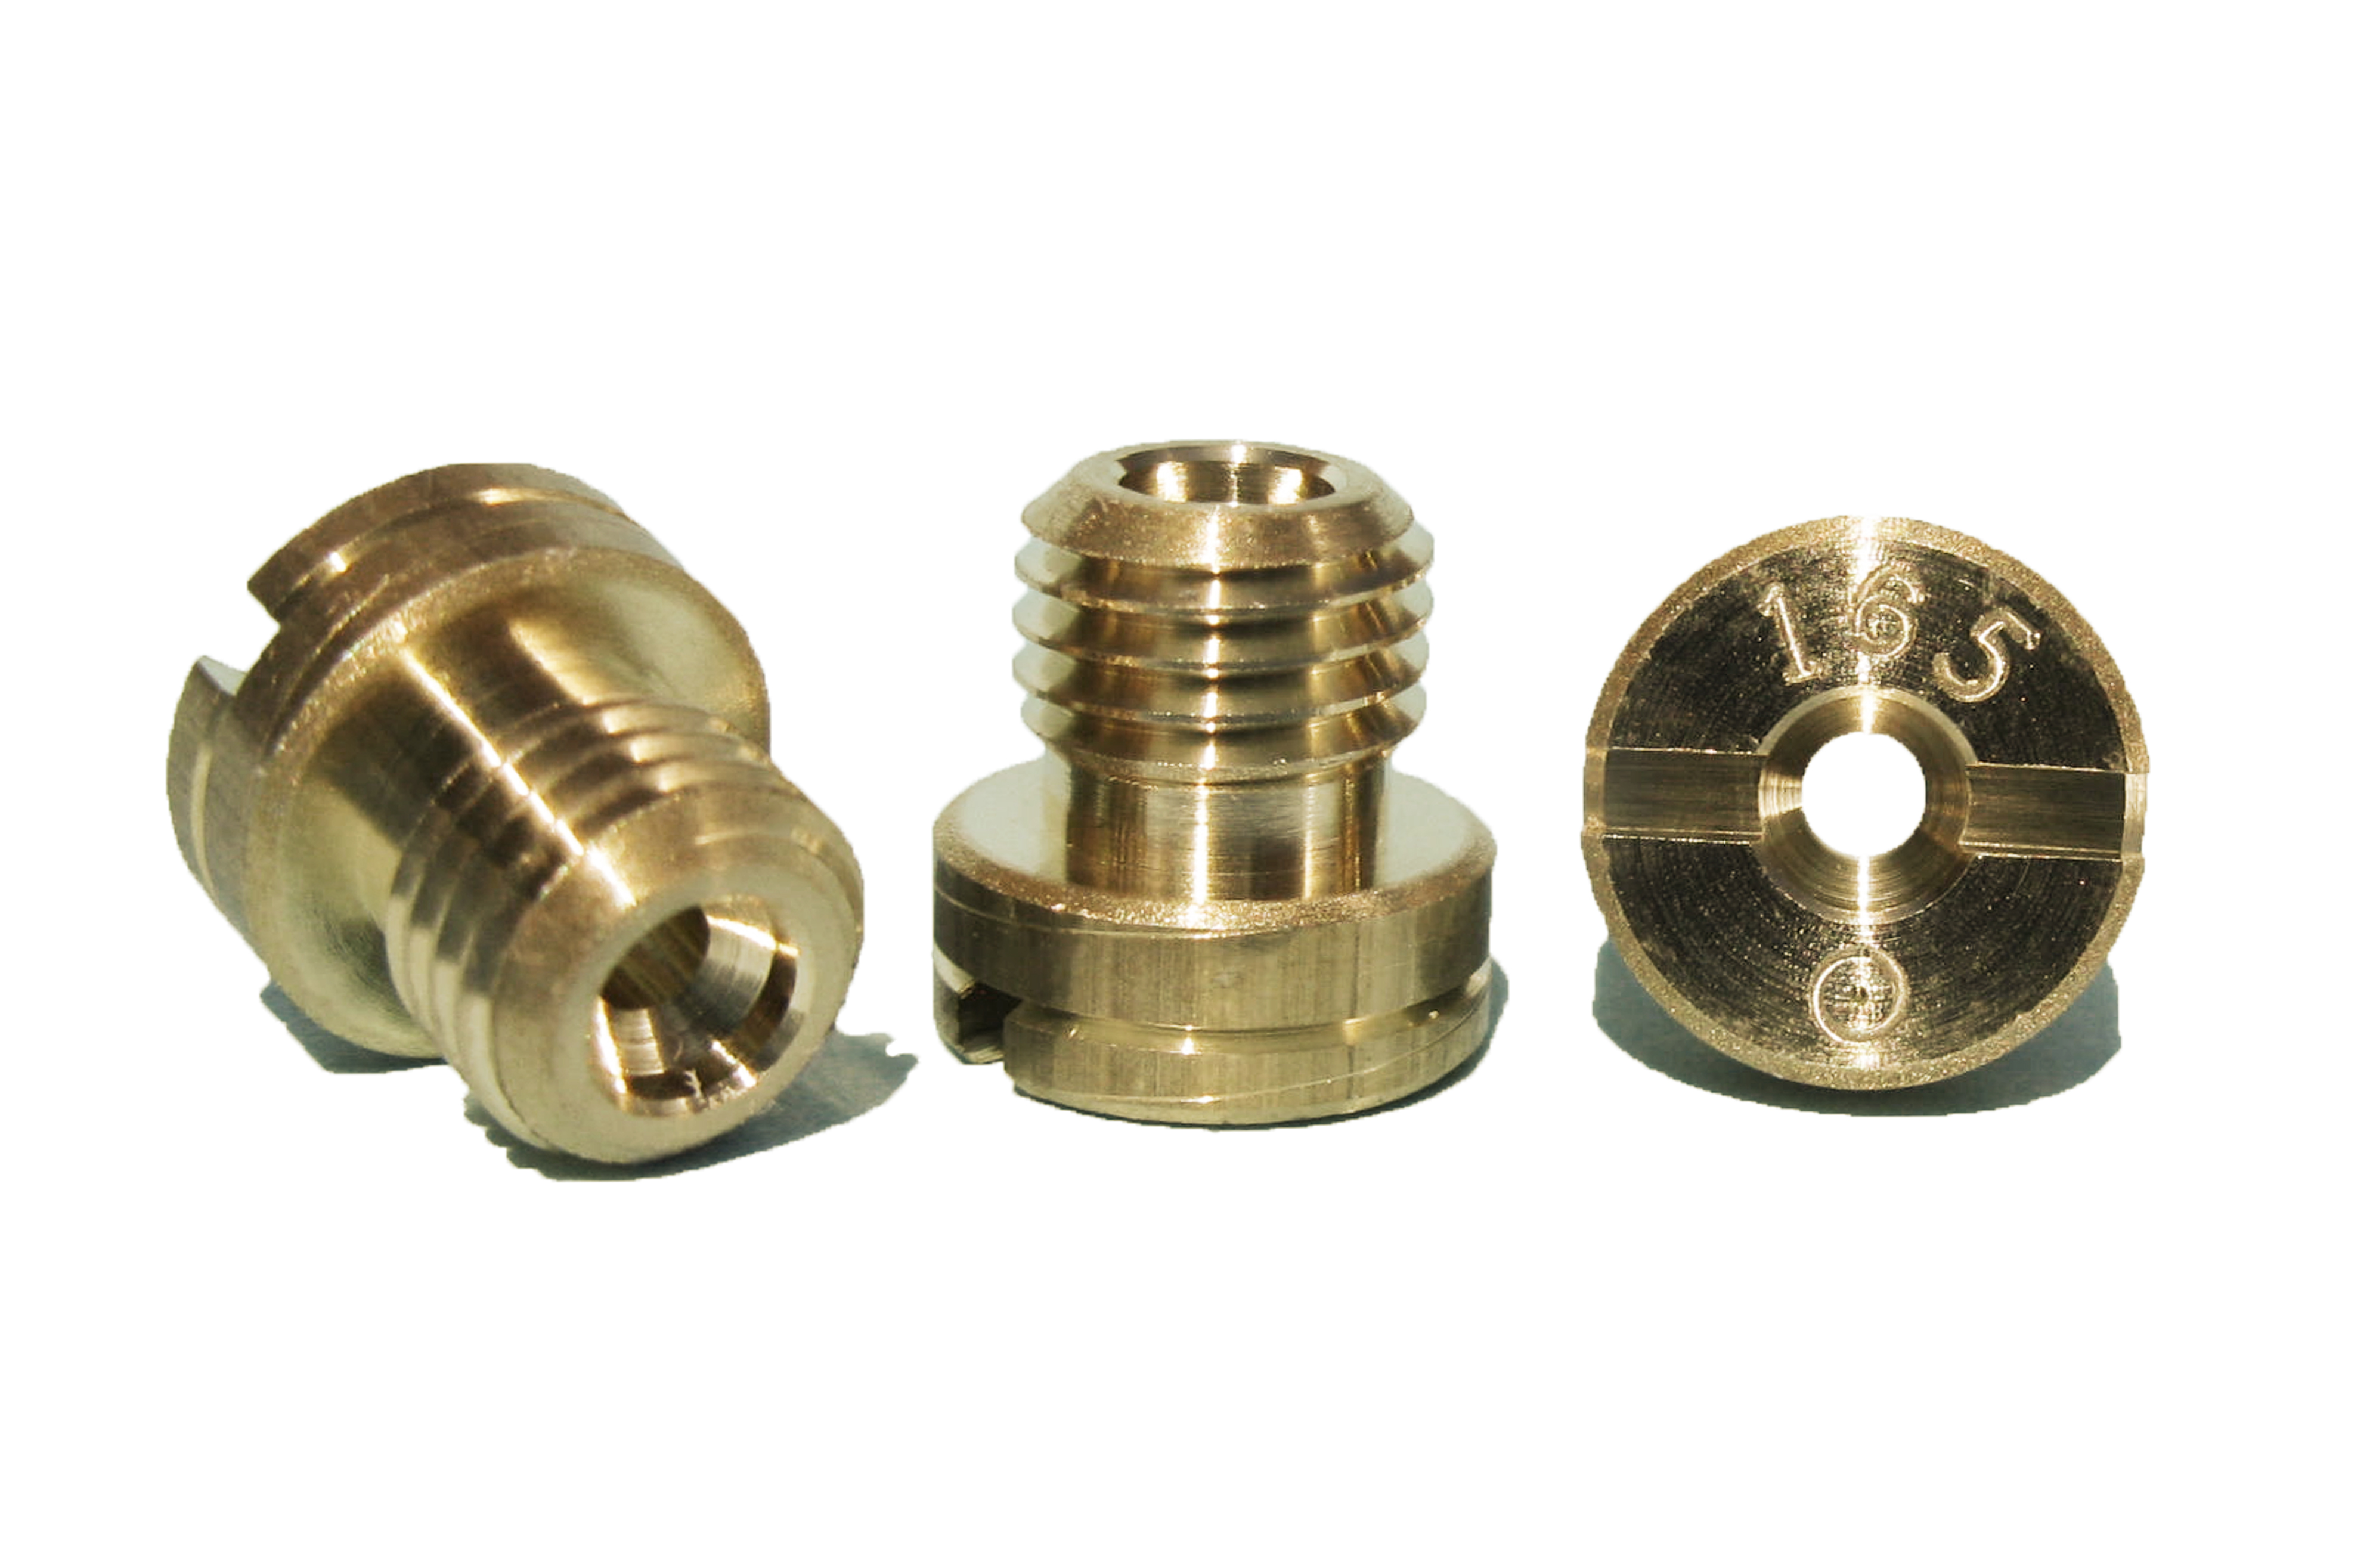 KMT Products - DELLORTO TYPE JETS - M6075 -6mm (Dellorto